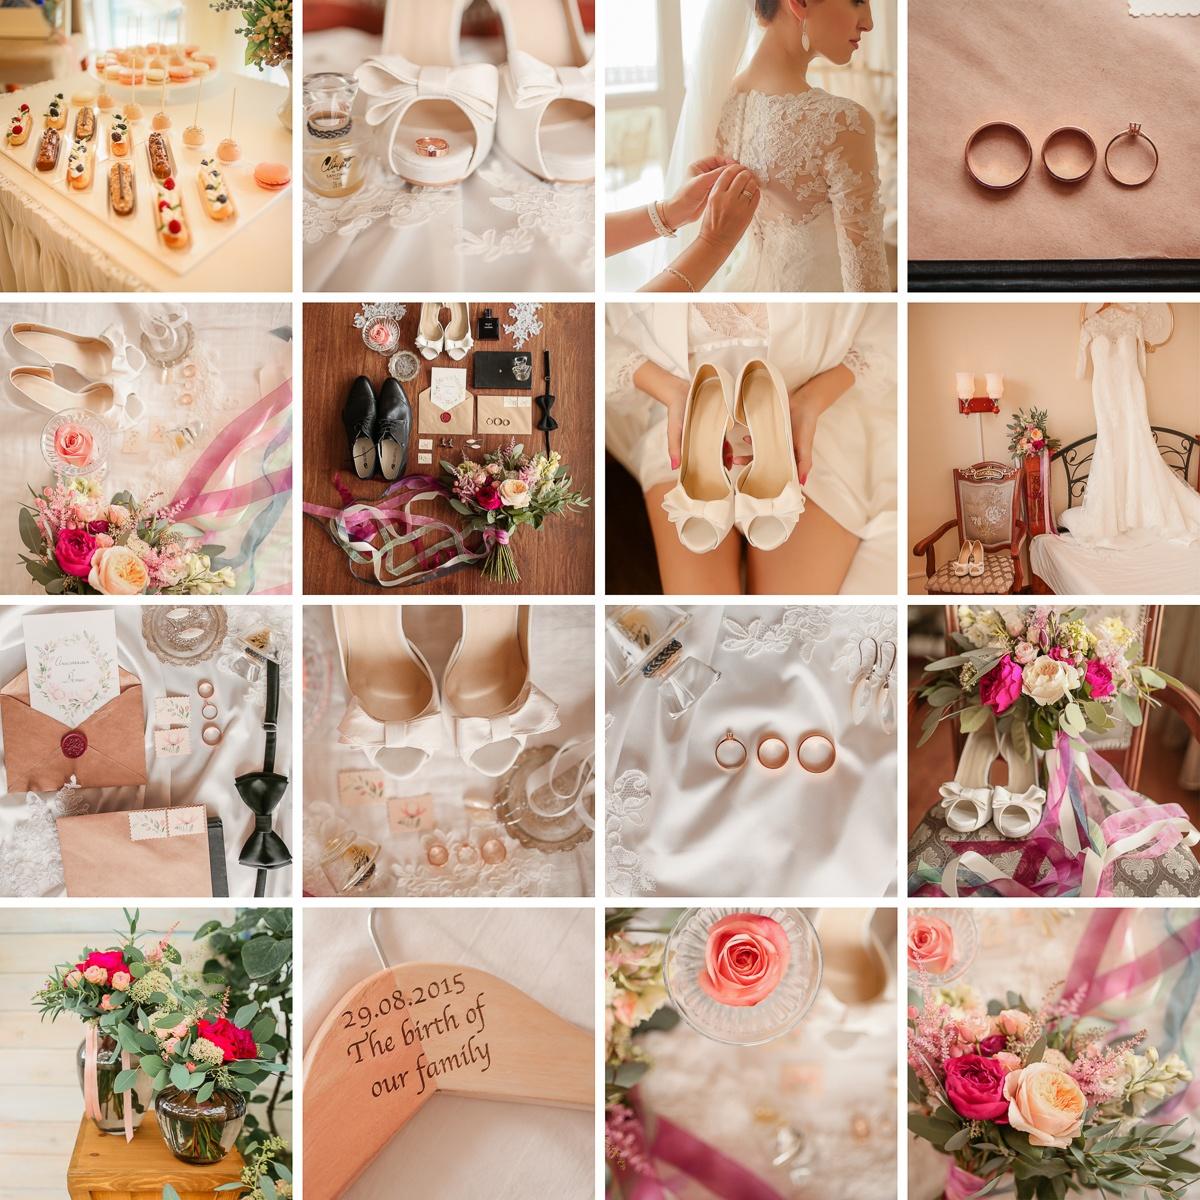 готовимся у свадьбе картинки организациях ип, которых